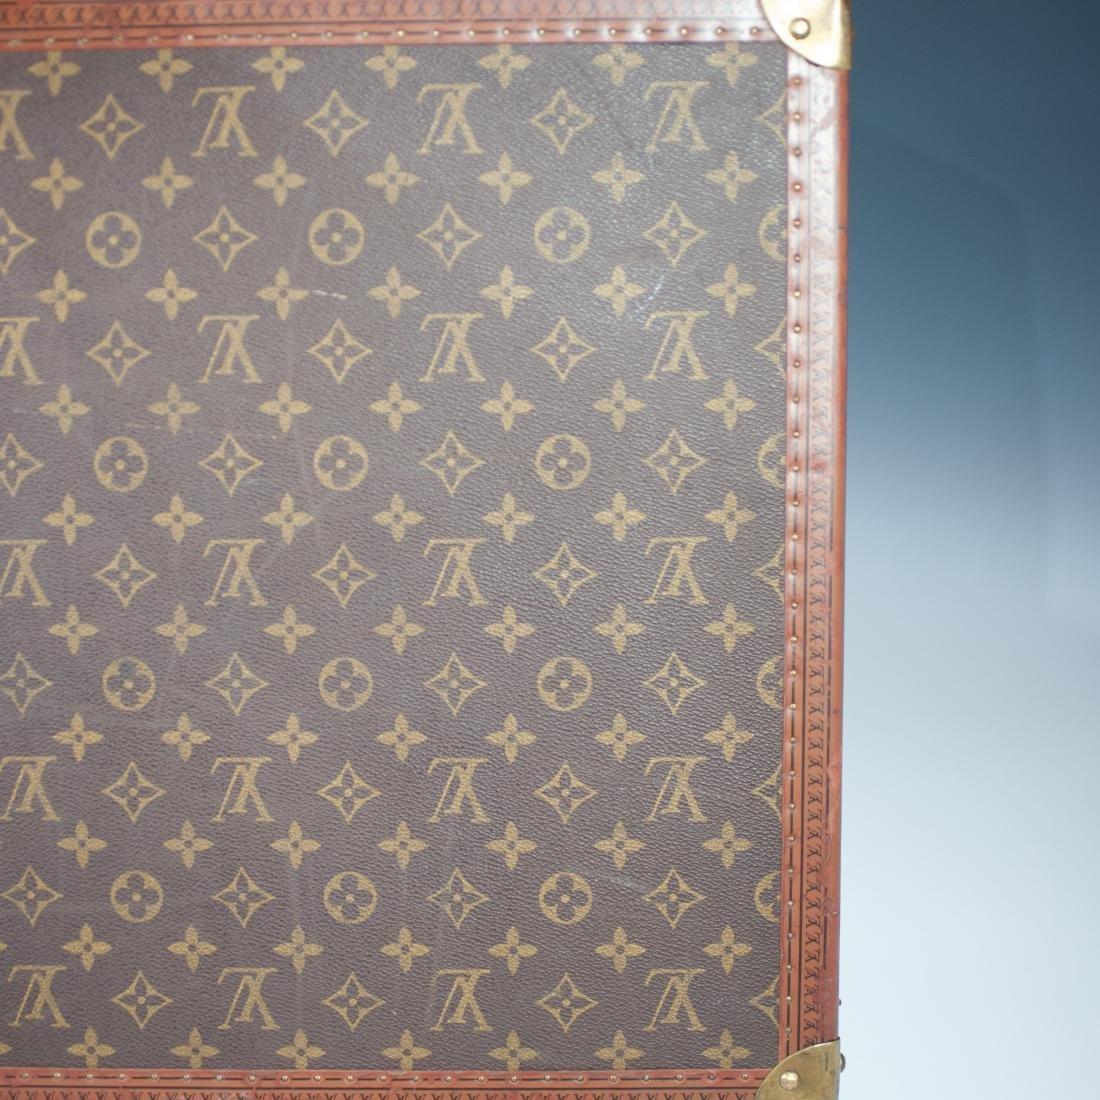 Vintage Louis Vuitton Suitcase - 3